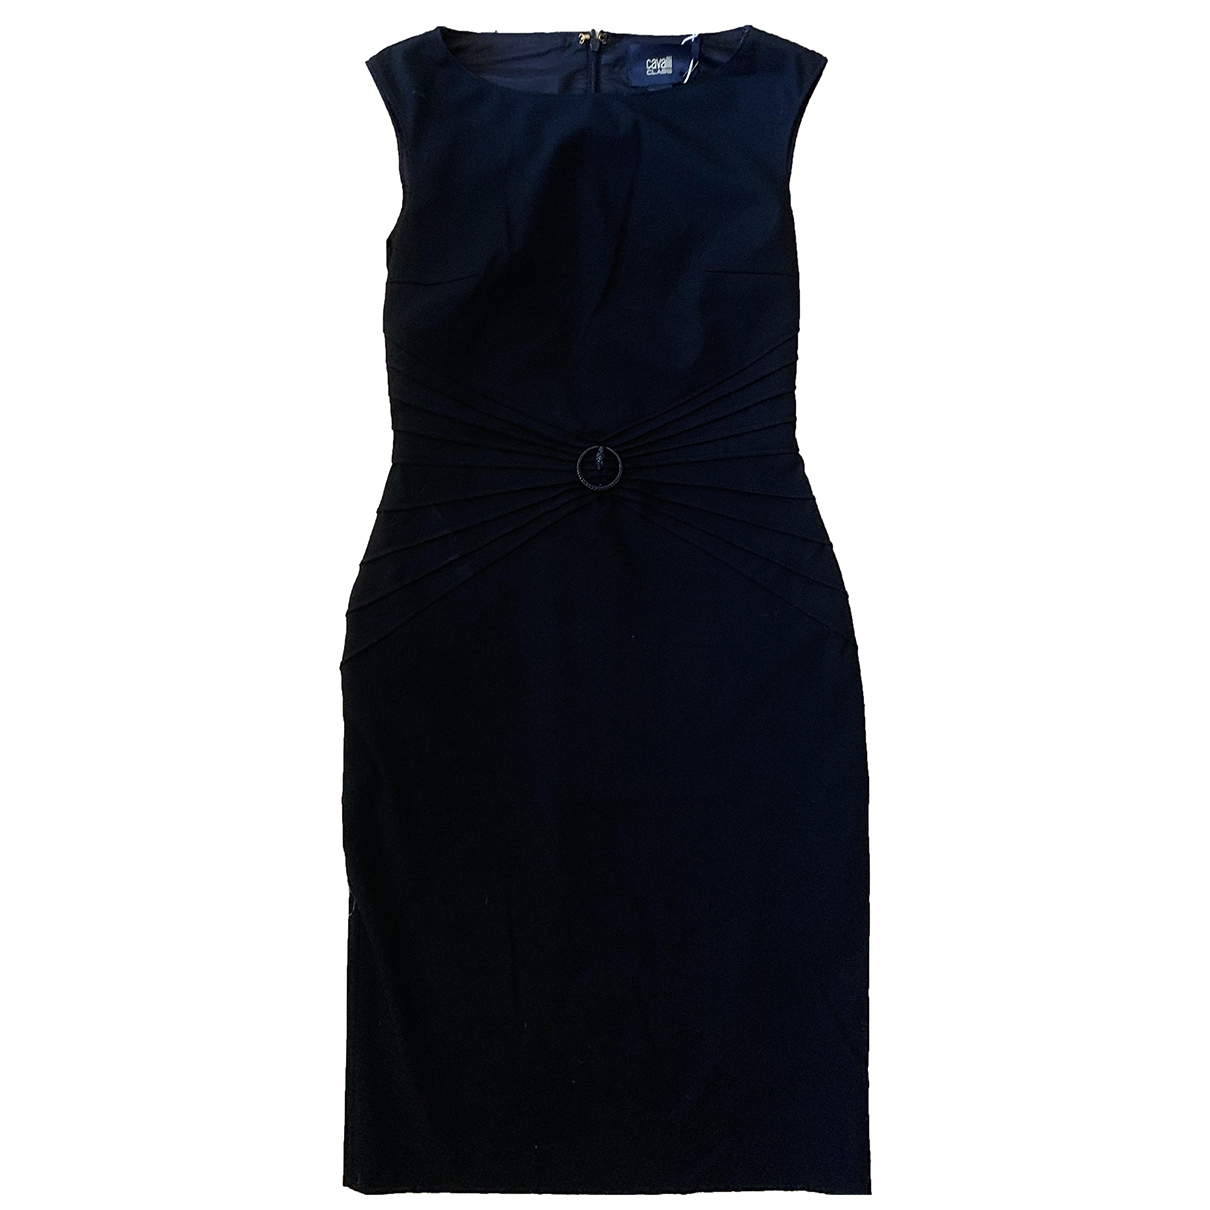 Class Cavalli \N Kleid in  Schwarz Polyester